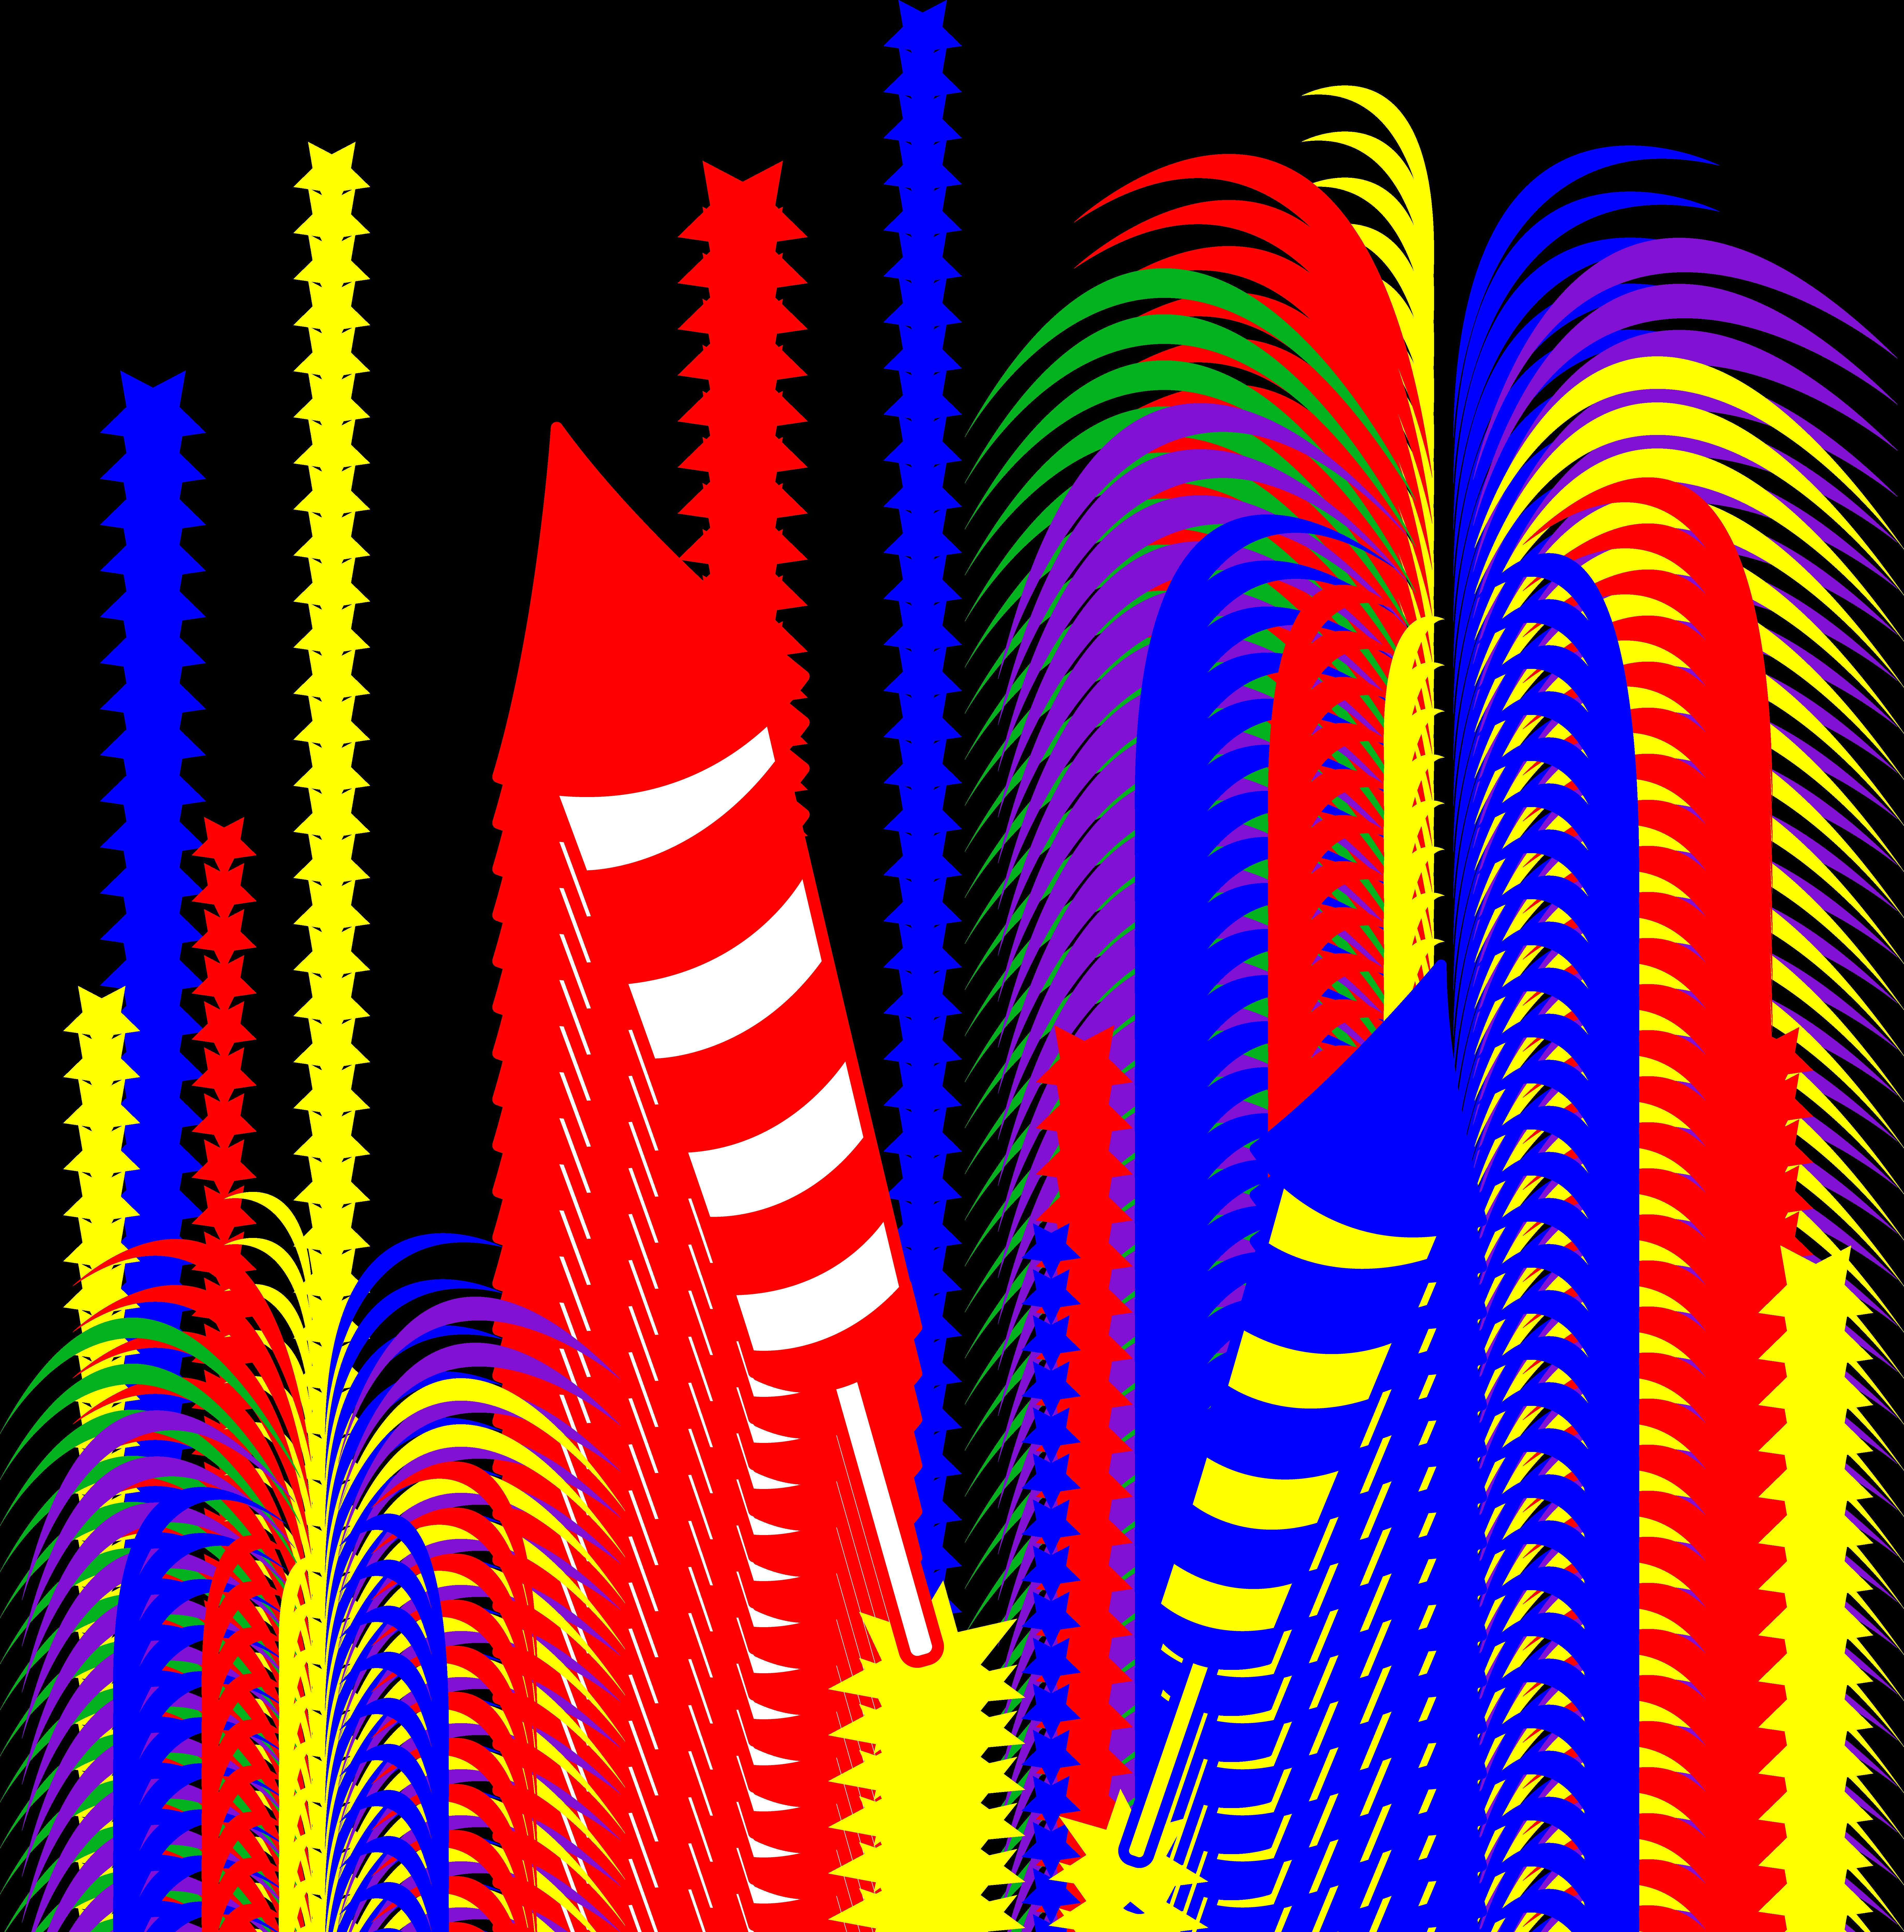 Celebrate clip art 2